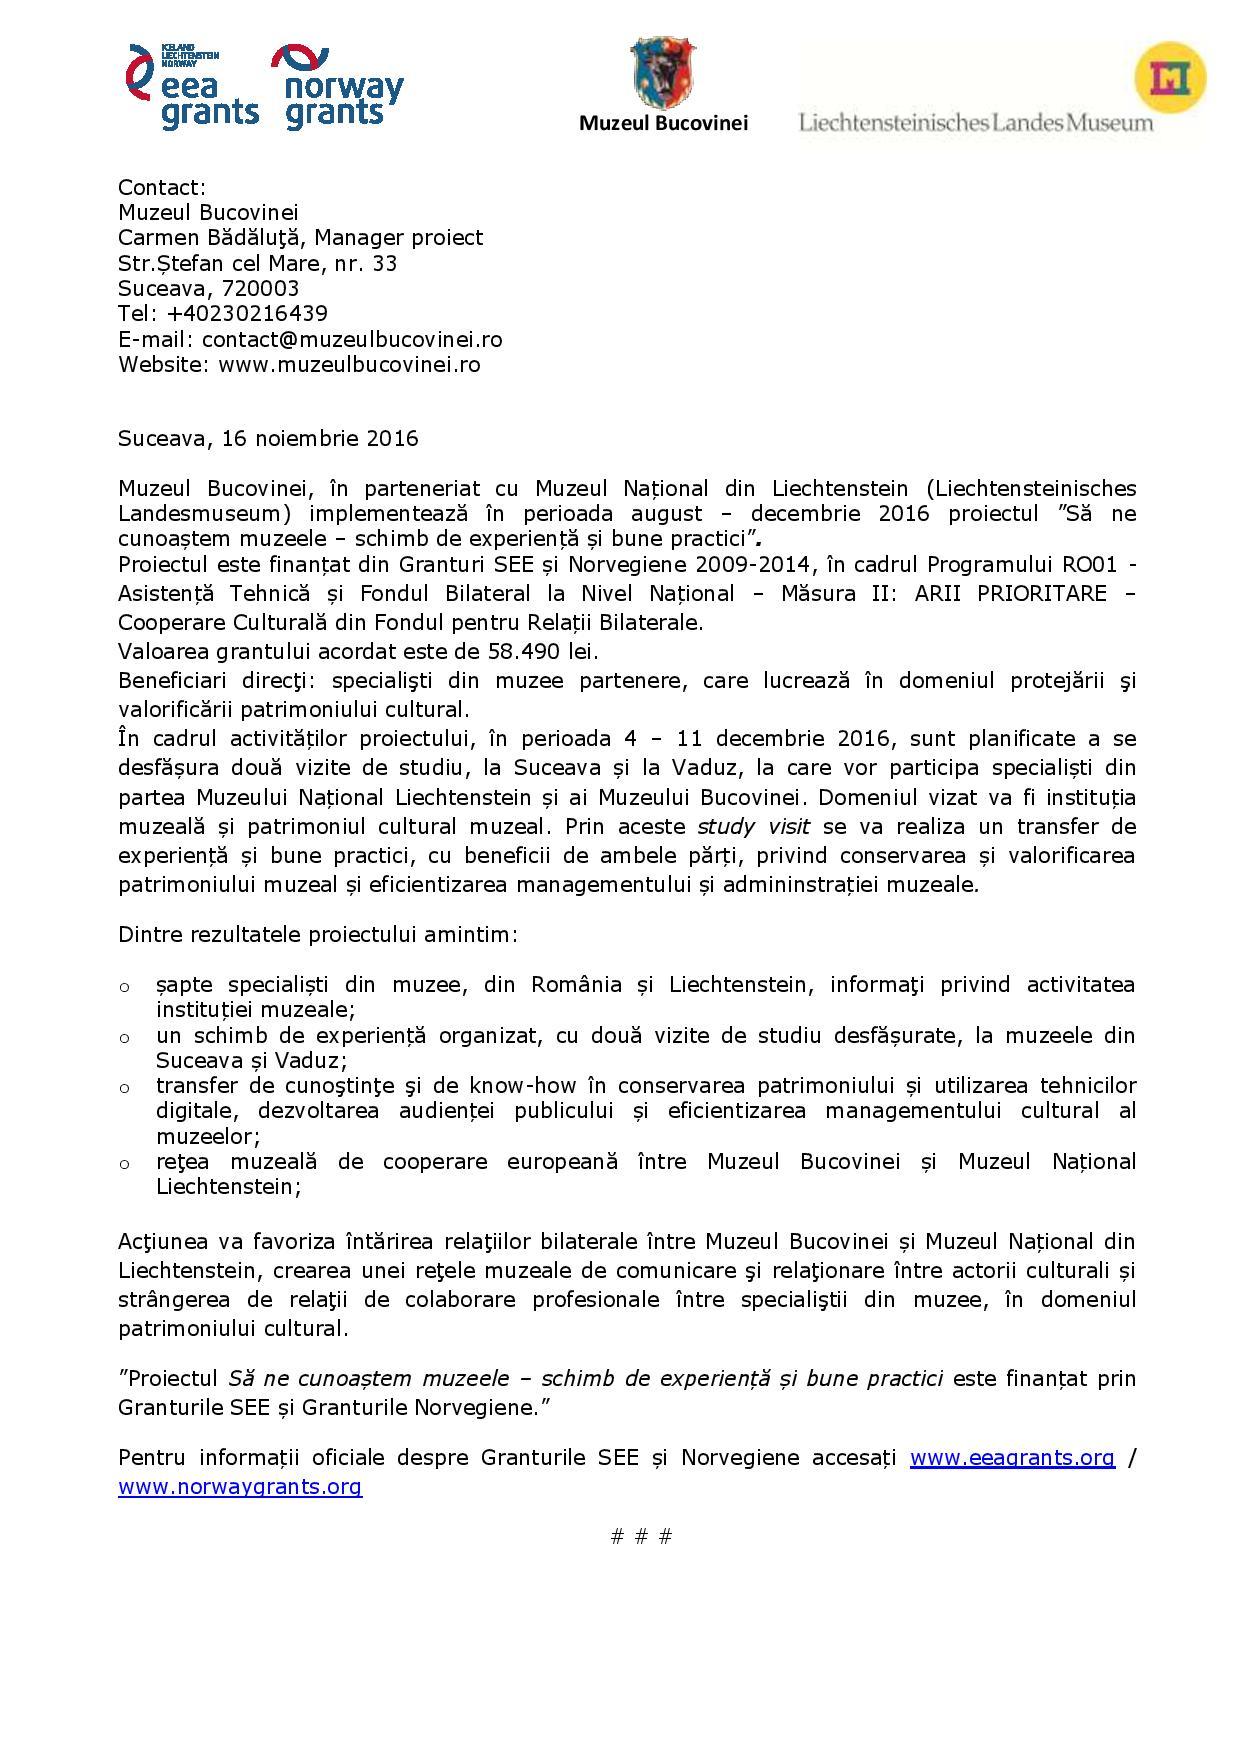 prezentare-proiect-website-muzeul-bucovinei-1-page-001